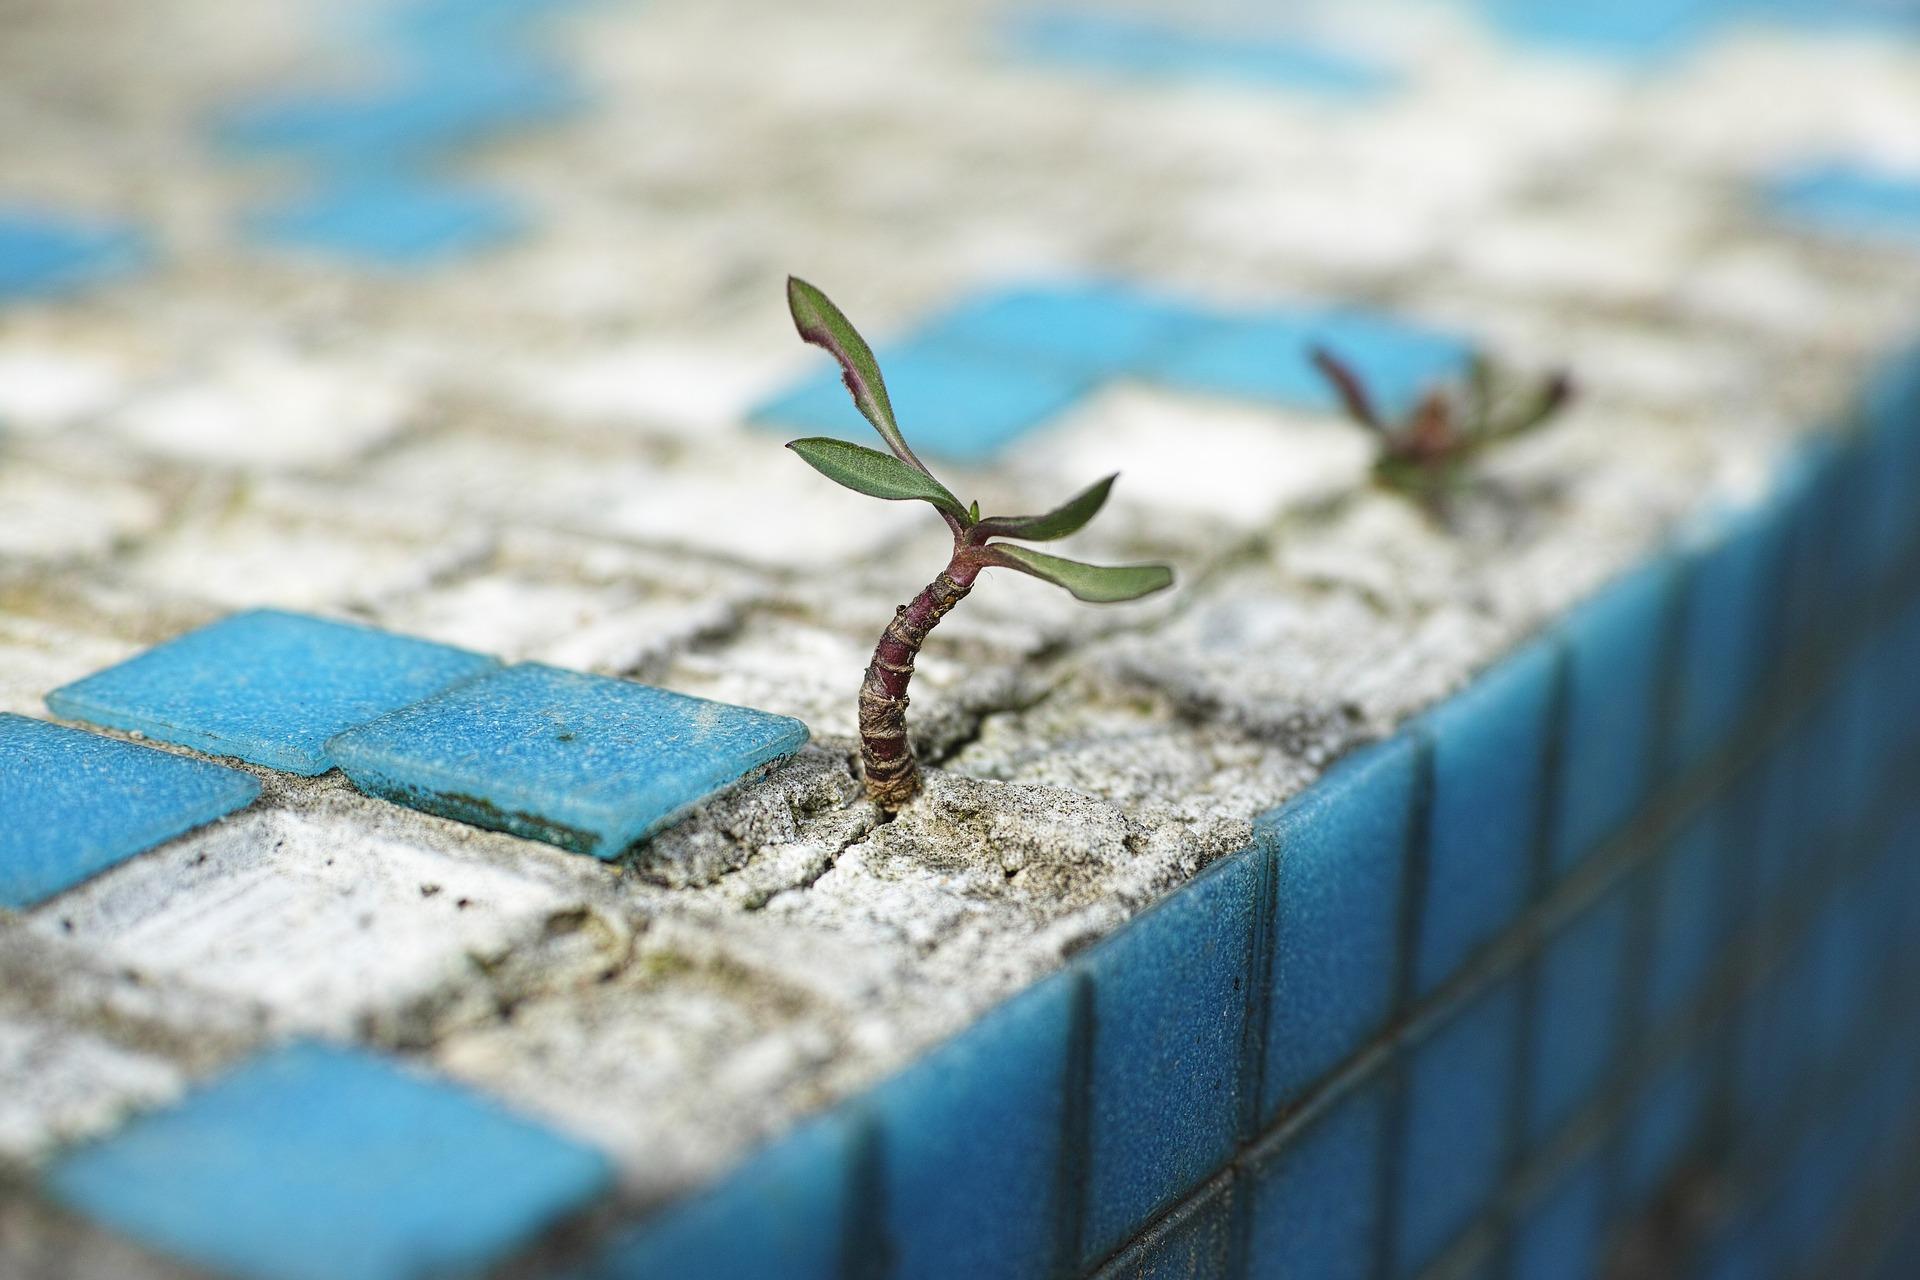 plant-2318936_1920